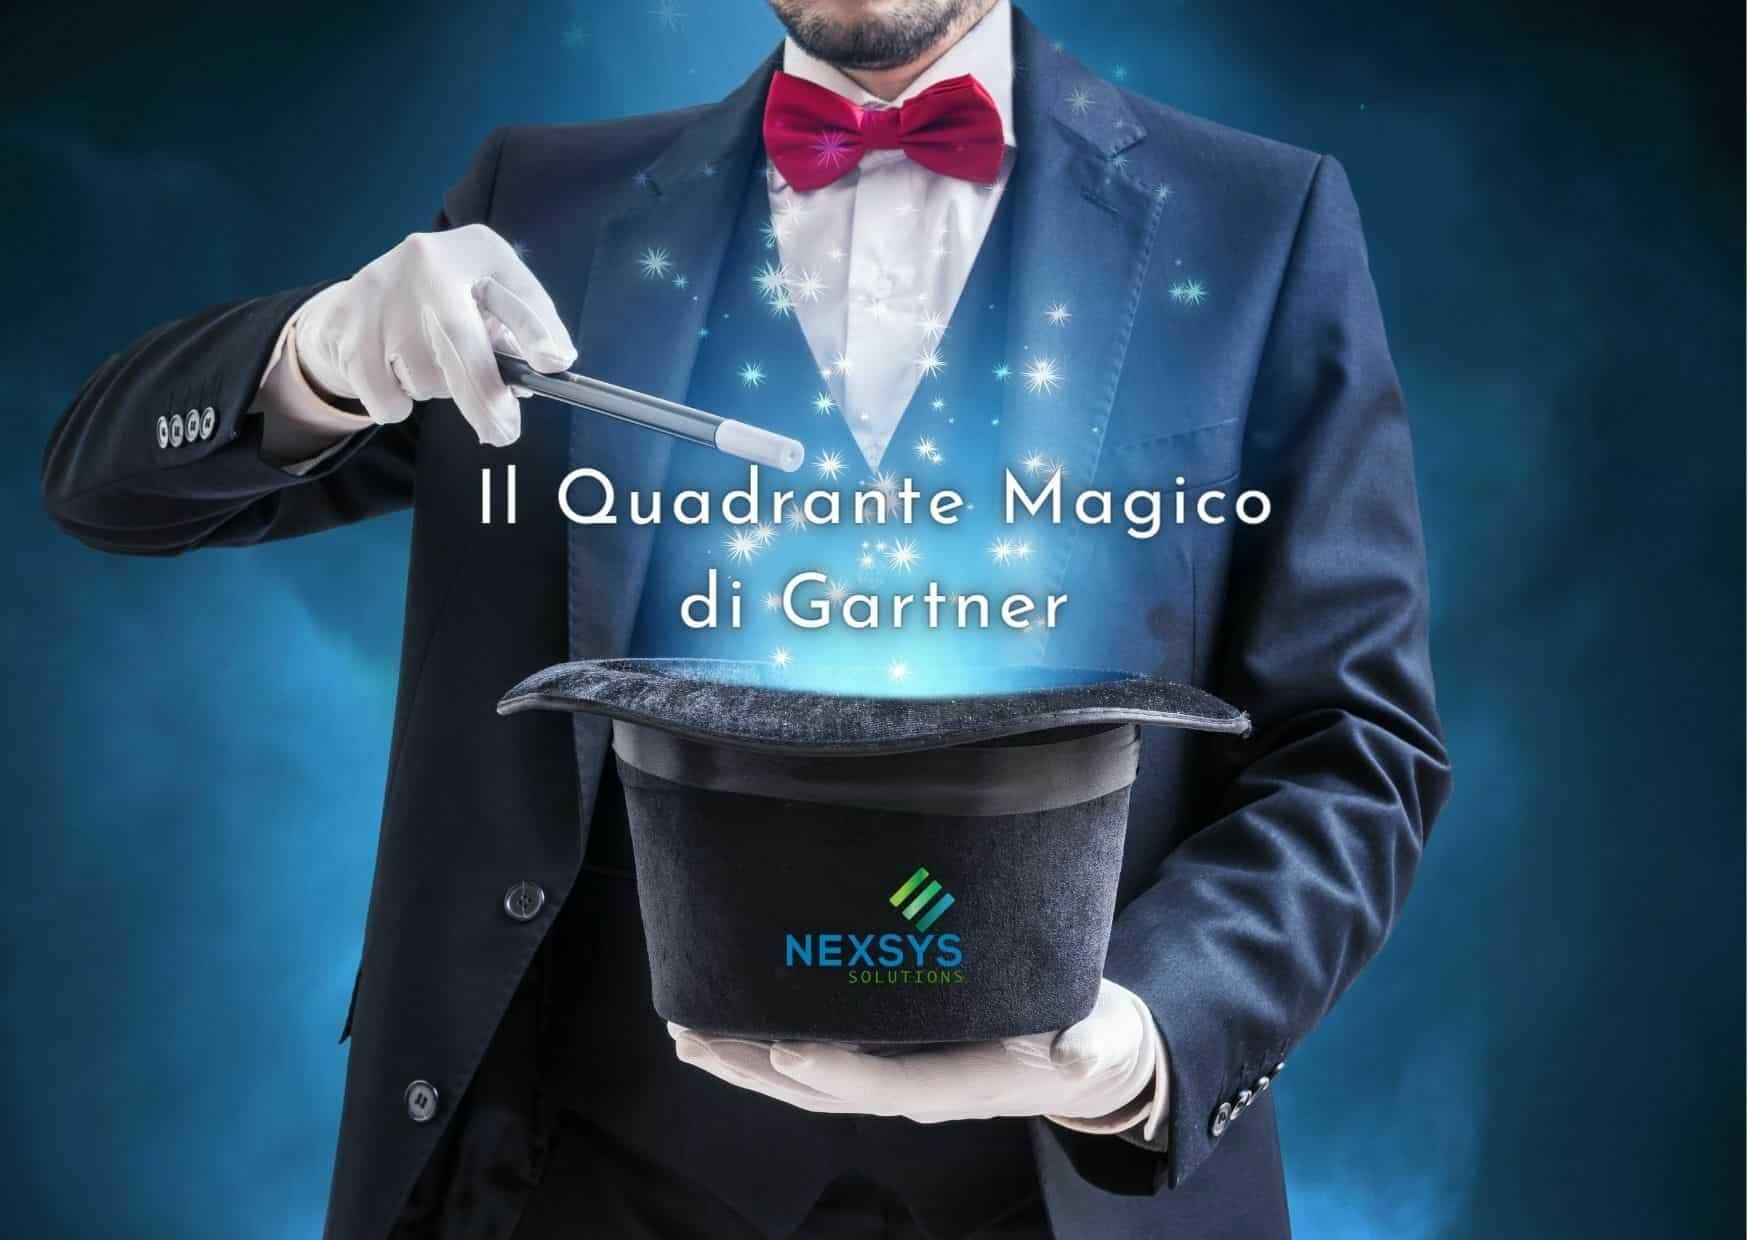 Il Quadrante Magico di Gartner